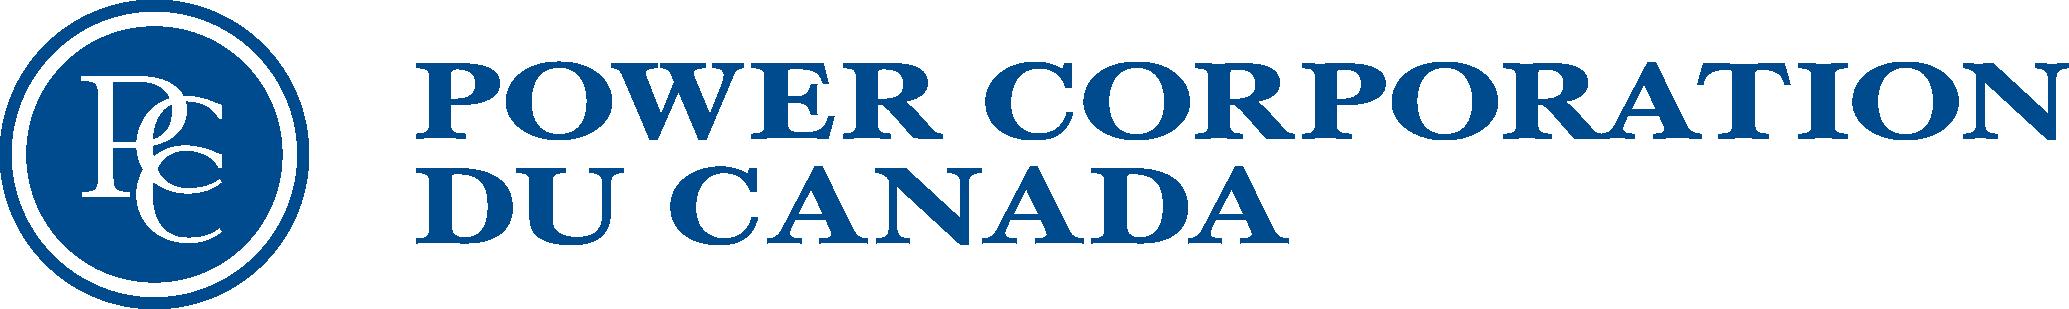 https://ppforum.ca/wp-content/uploads/2020/05/PCC_Sponsor_FRA_Align_2lignes_Couleur.png